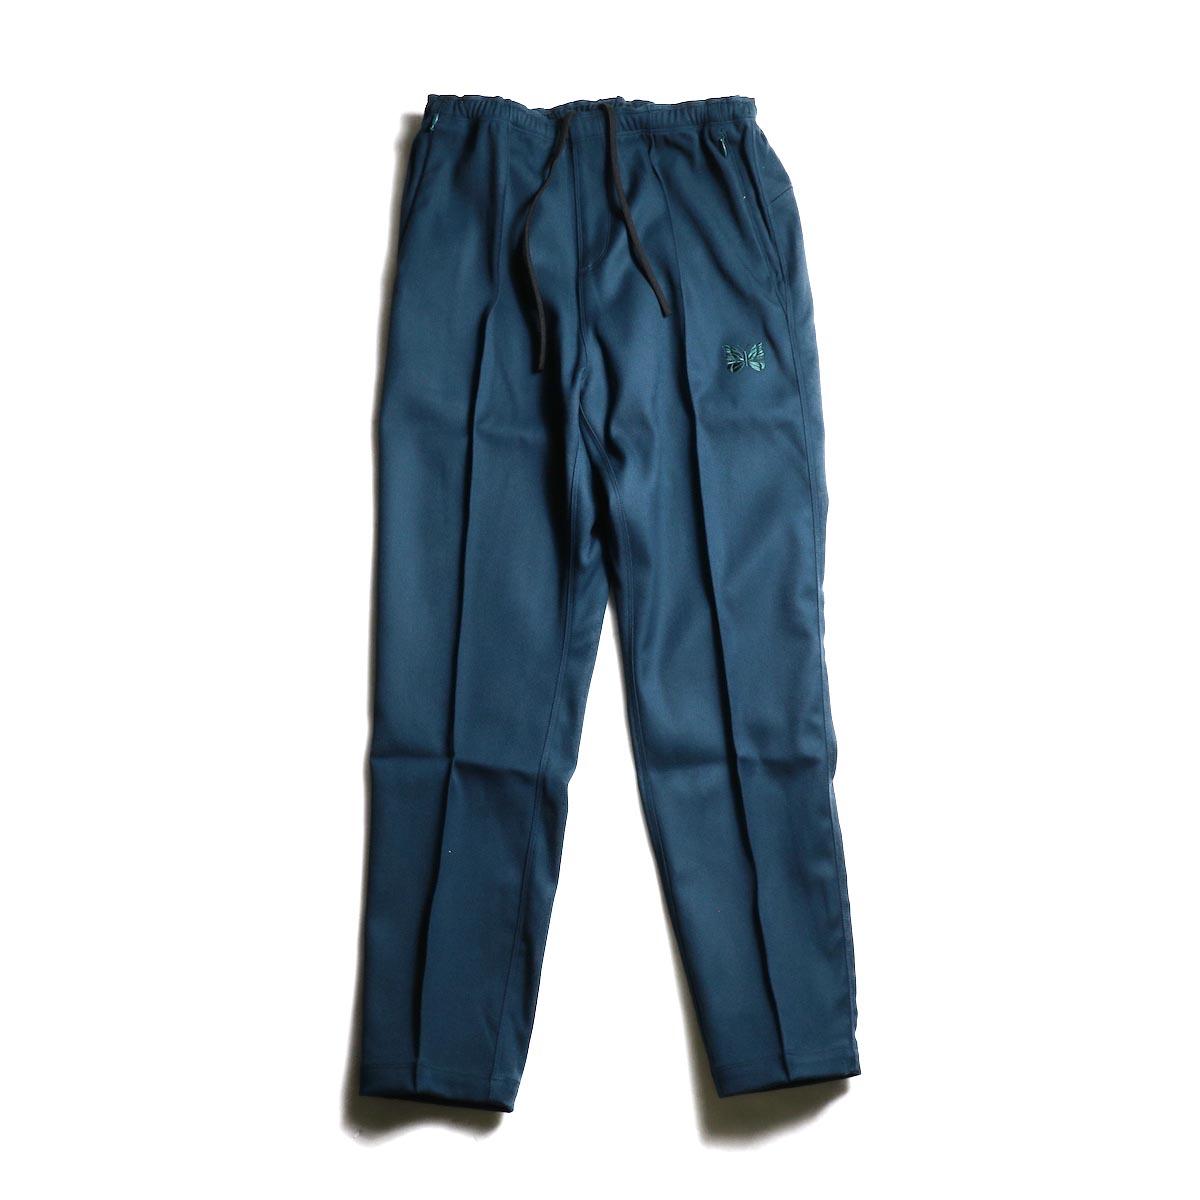 Needles / Warm Up Pant -Green